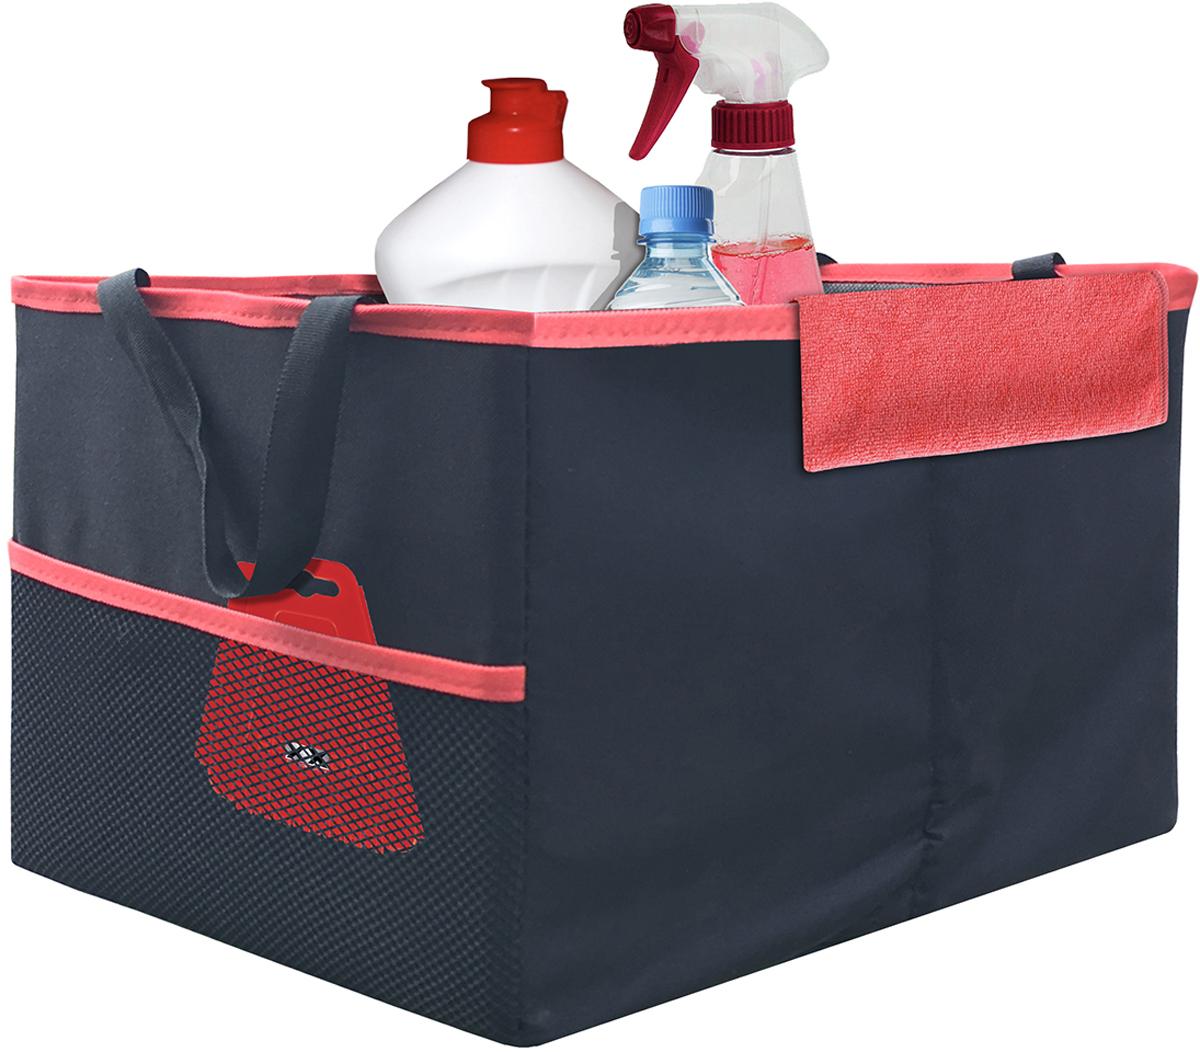 Органайзер складной в багажник Rexxon, 40 х 30 х 25 см органайзеры в багажник autoprofi органайзер в багажник travel org 30 bk